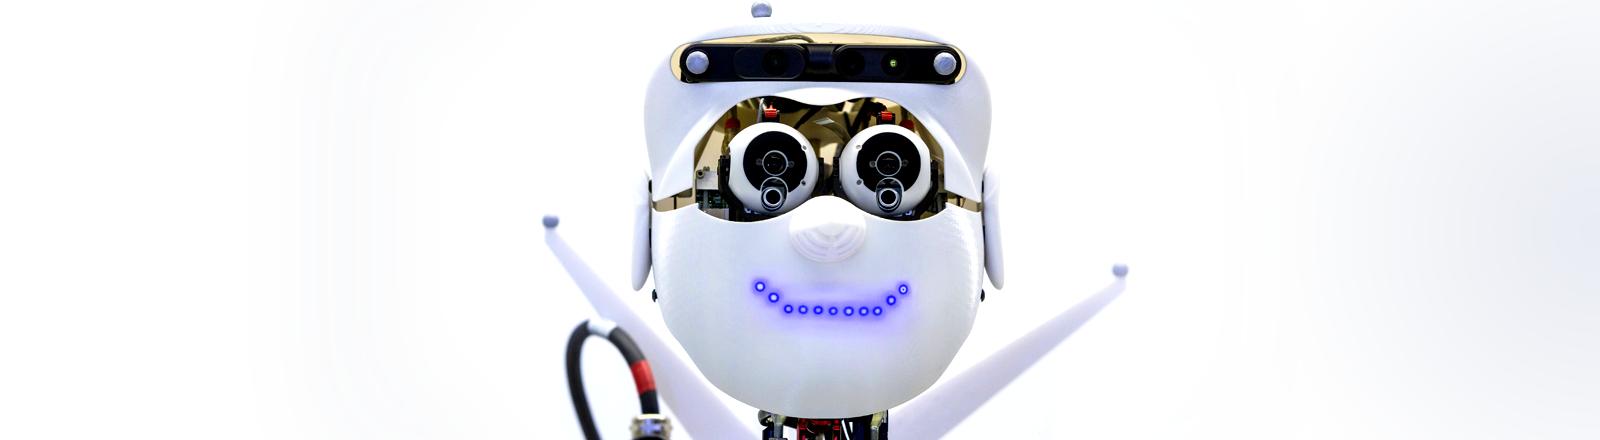 Roboter Apollo im Max-Planck-Institut für Intelligente Systeme in Tübingen, MPI